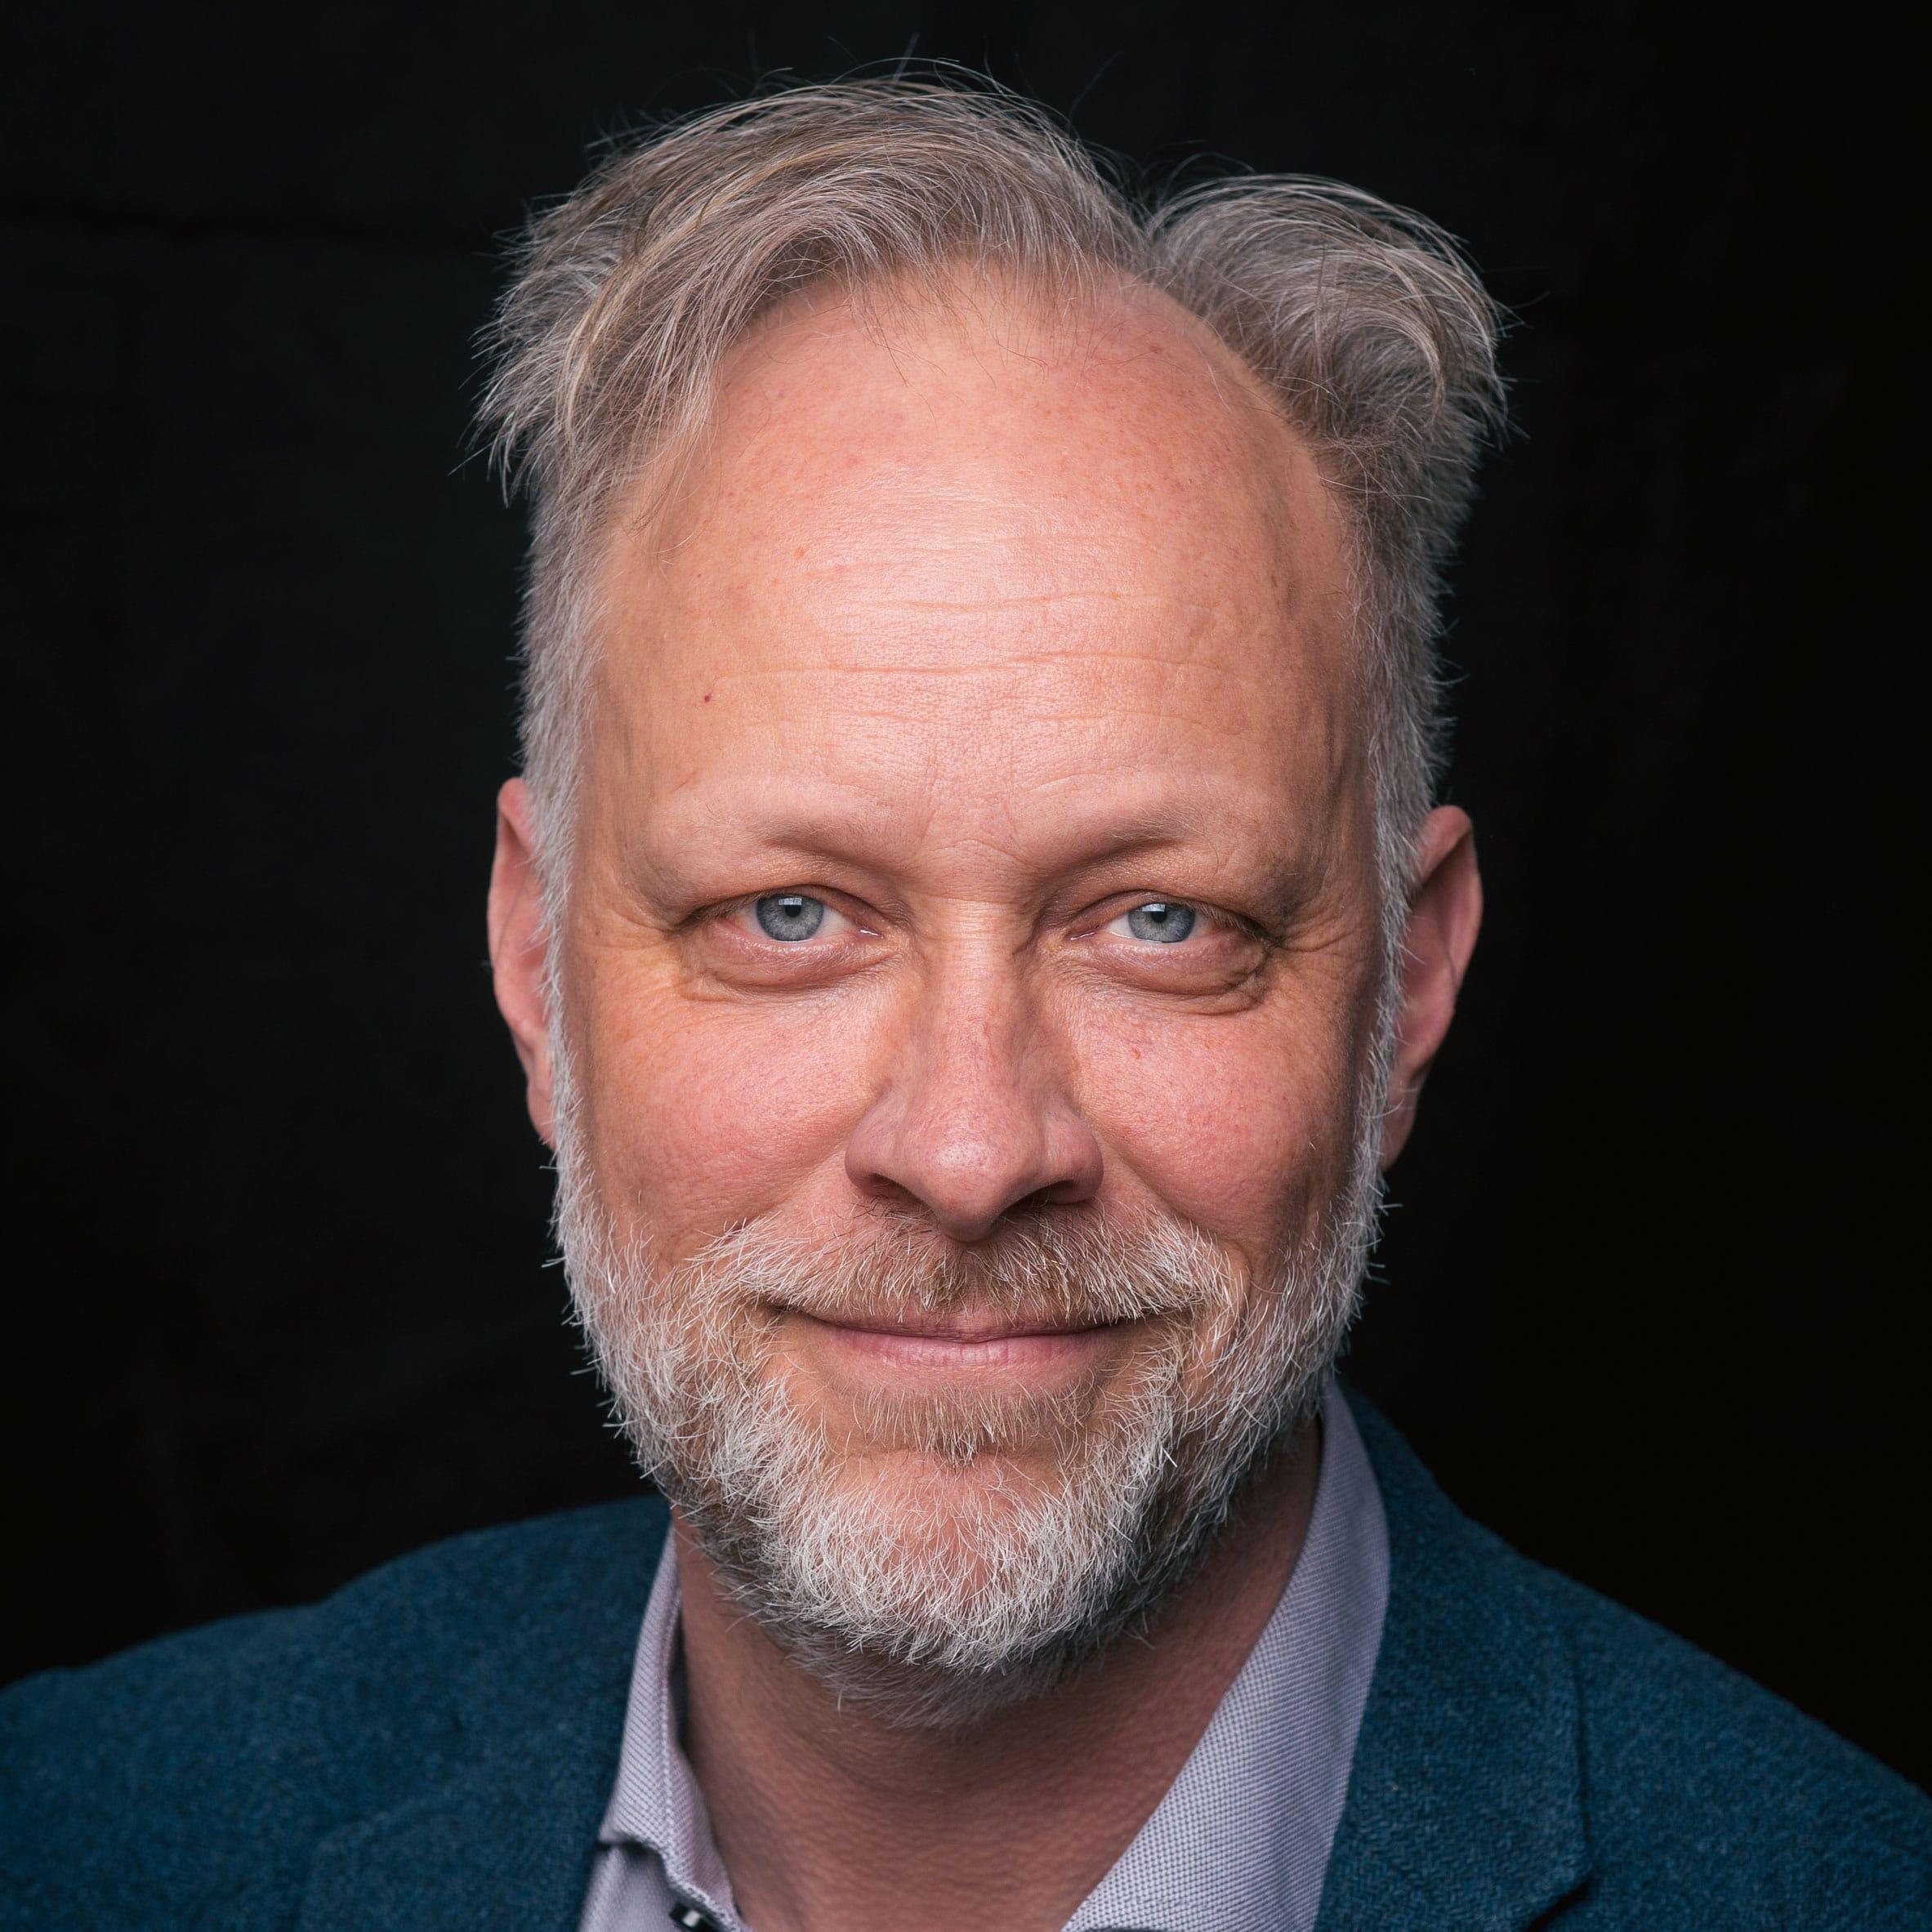 Erik Mattsson